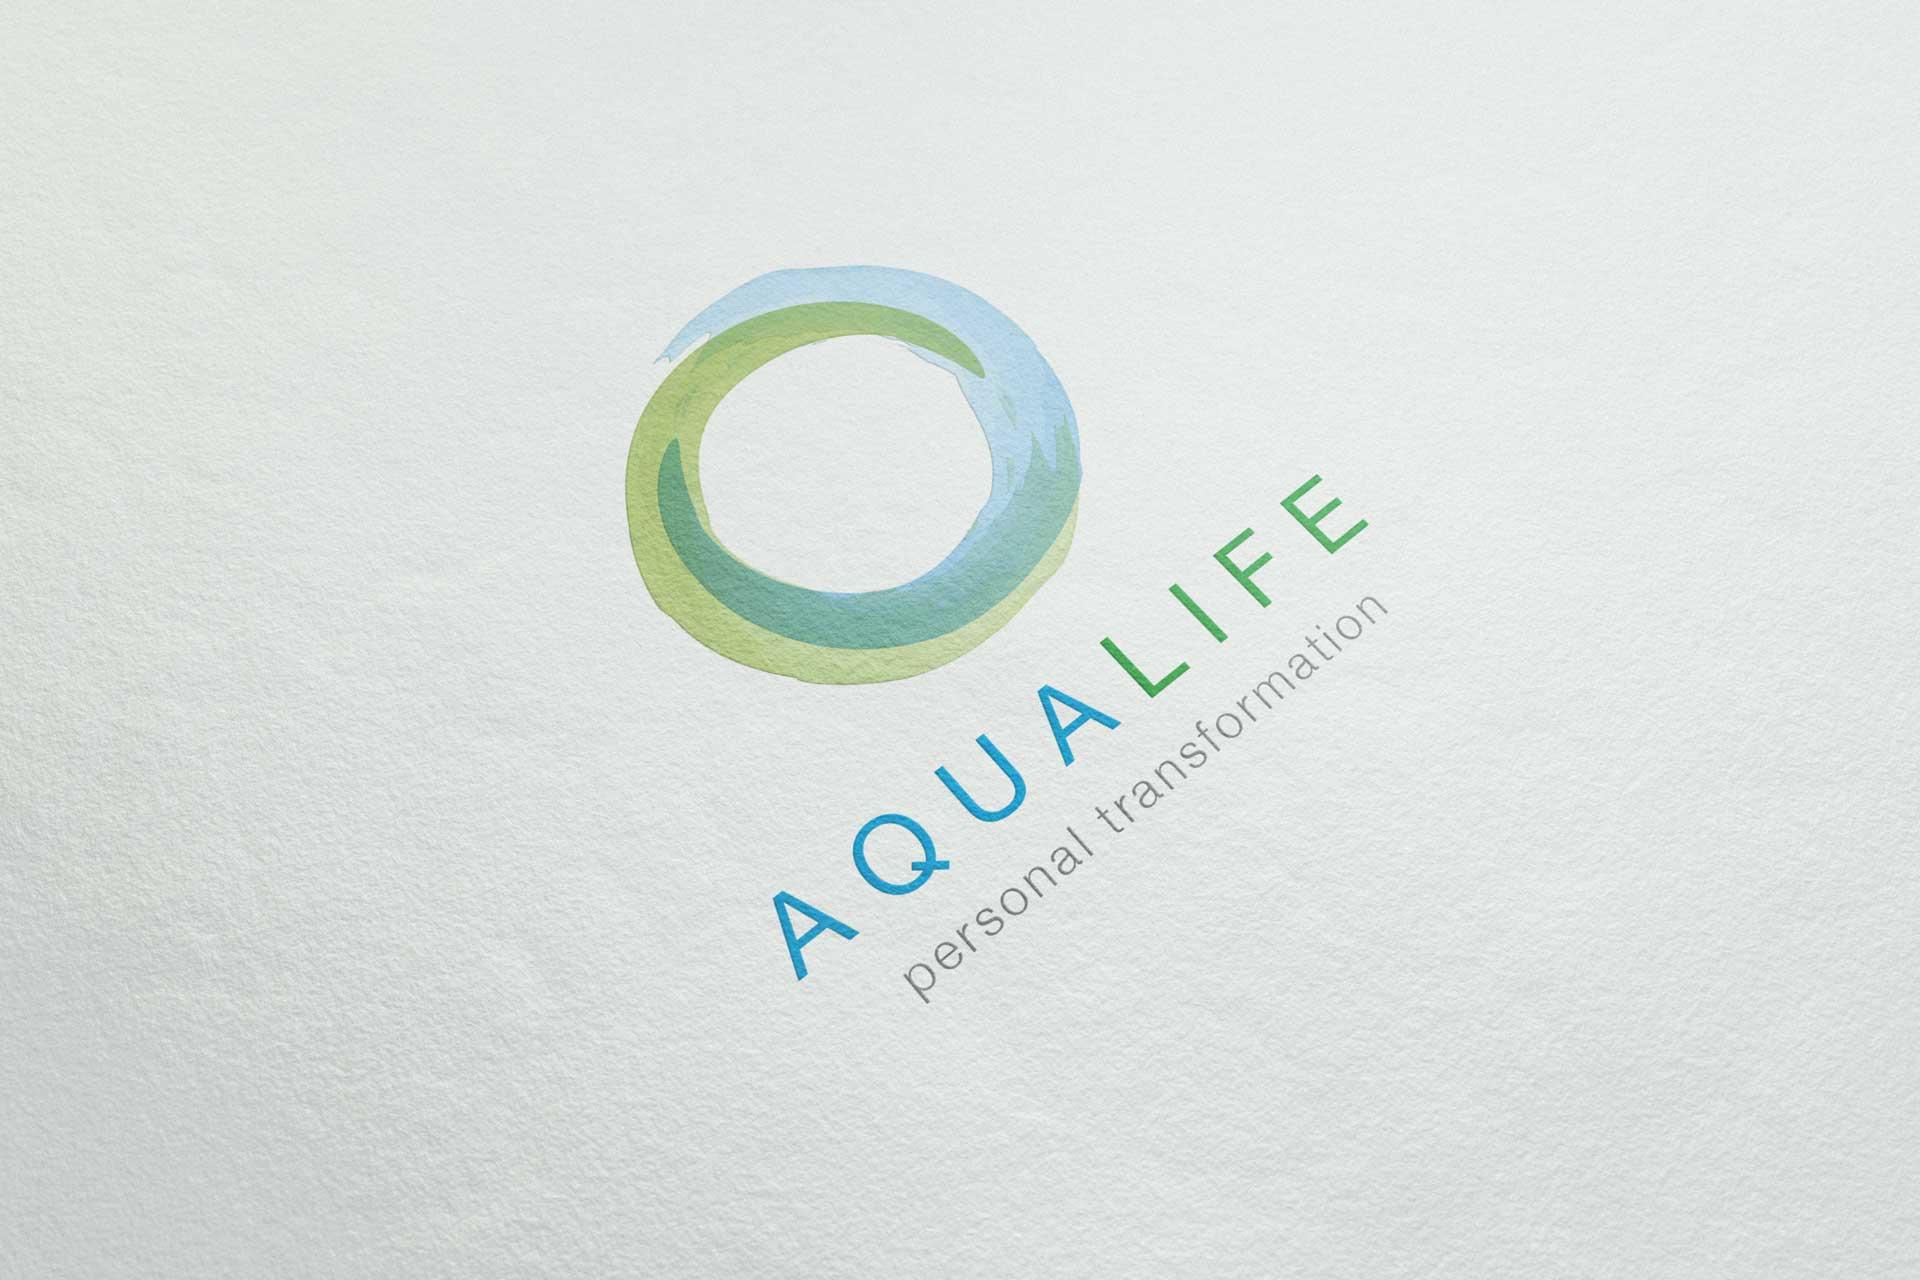 aqualife-logo-designed-by-aydin-ozon